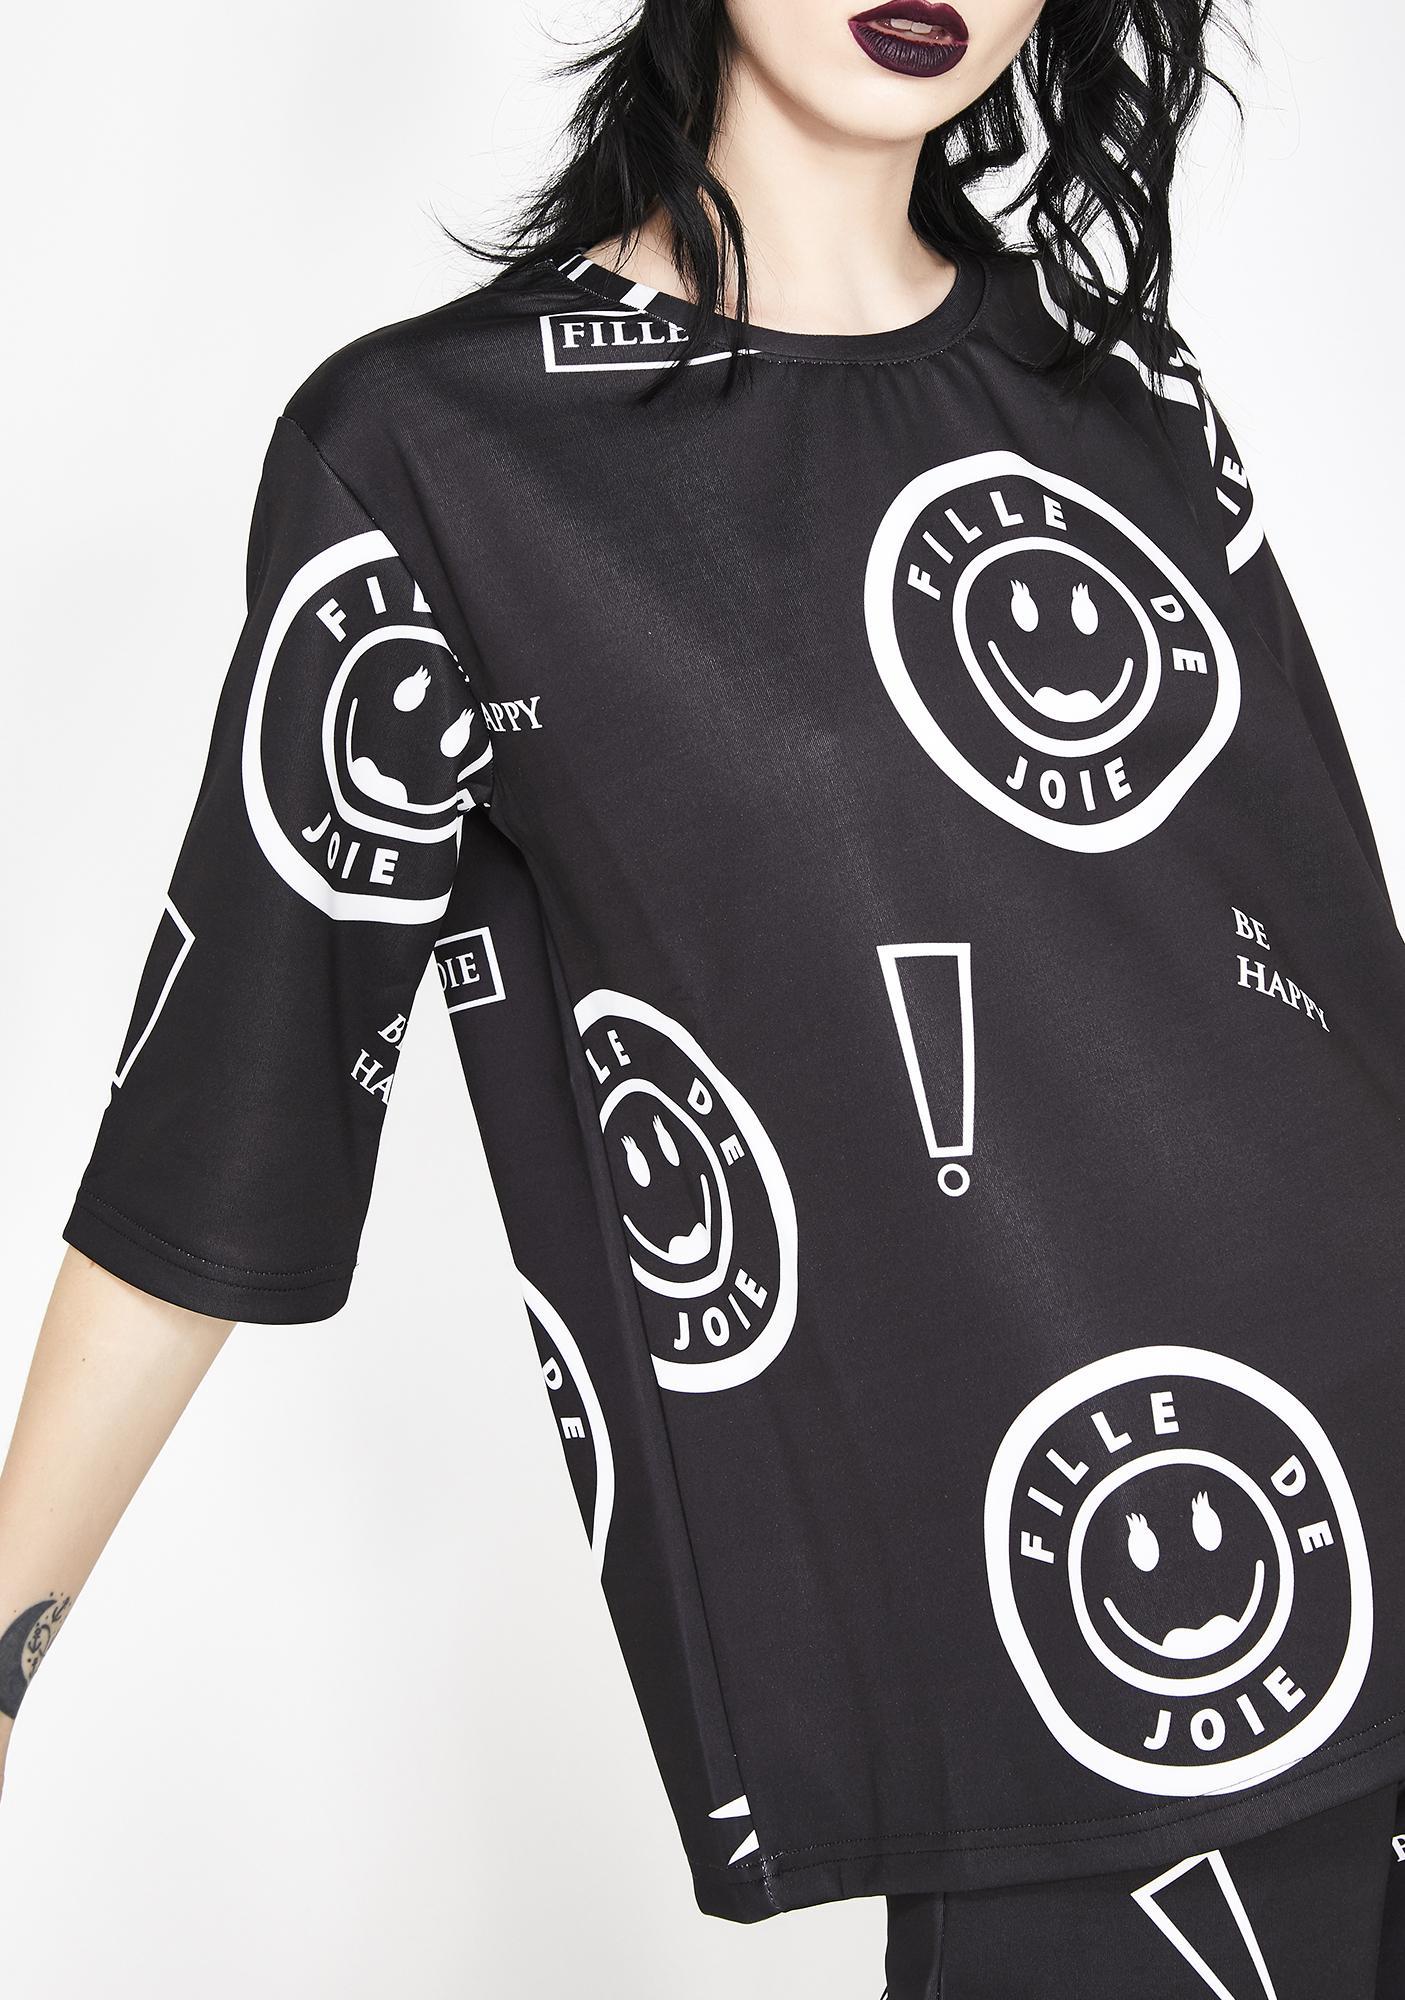 Fille de Joie Question Mark T-Shirt